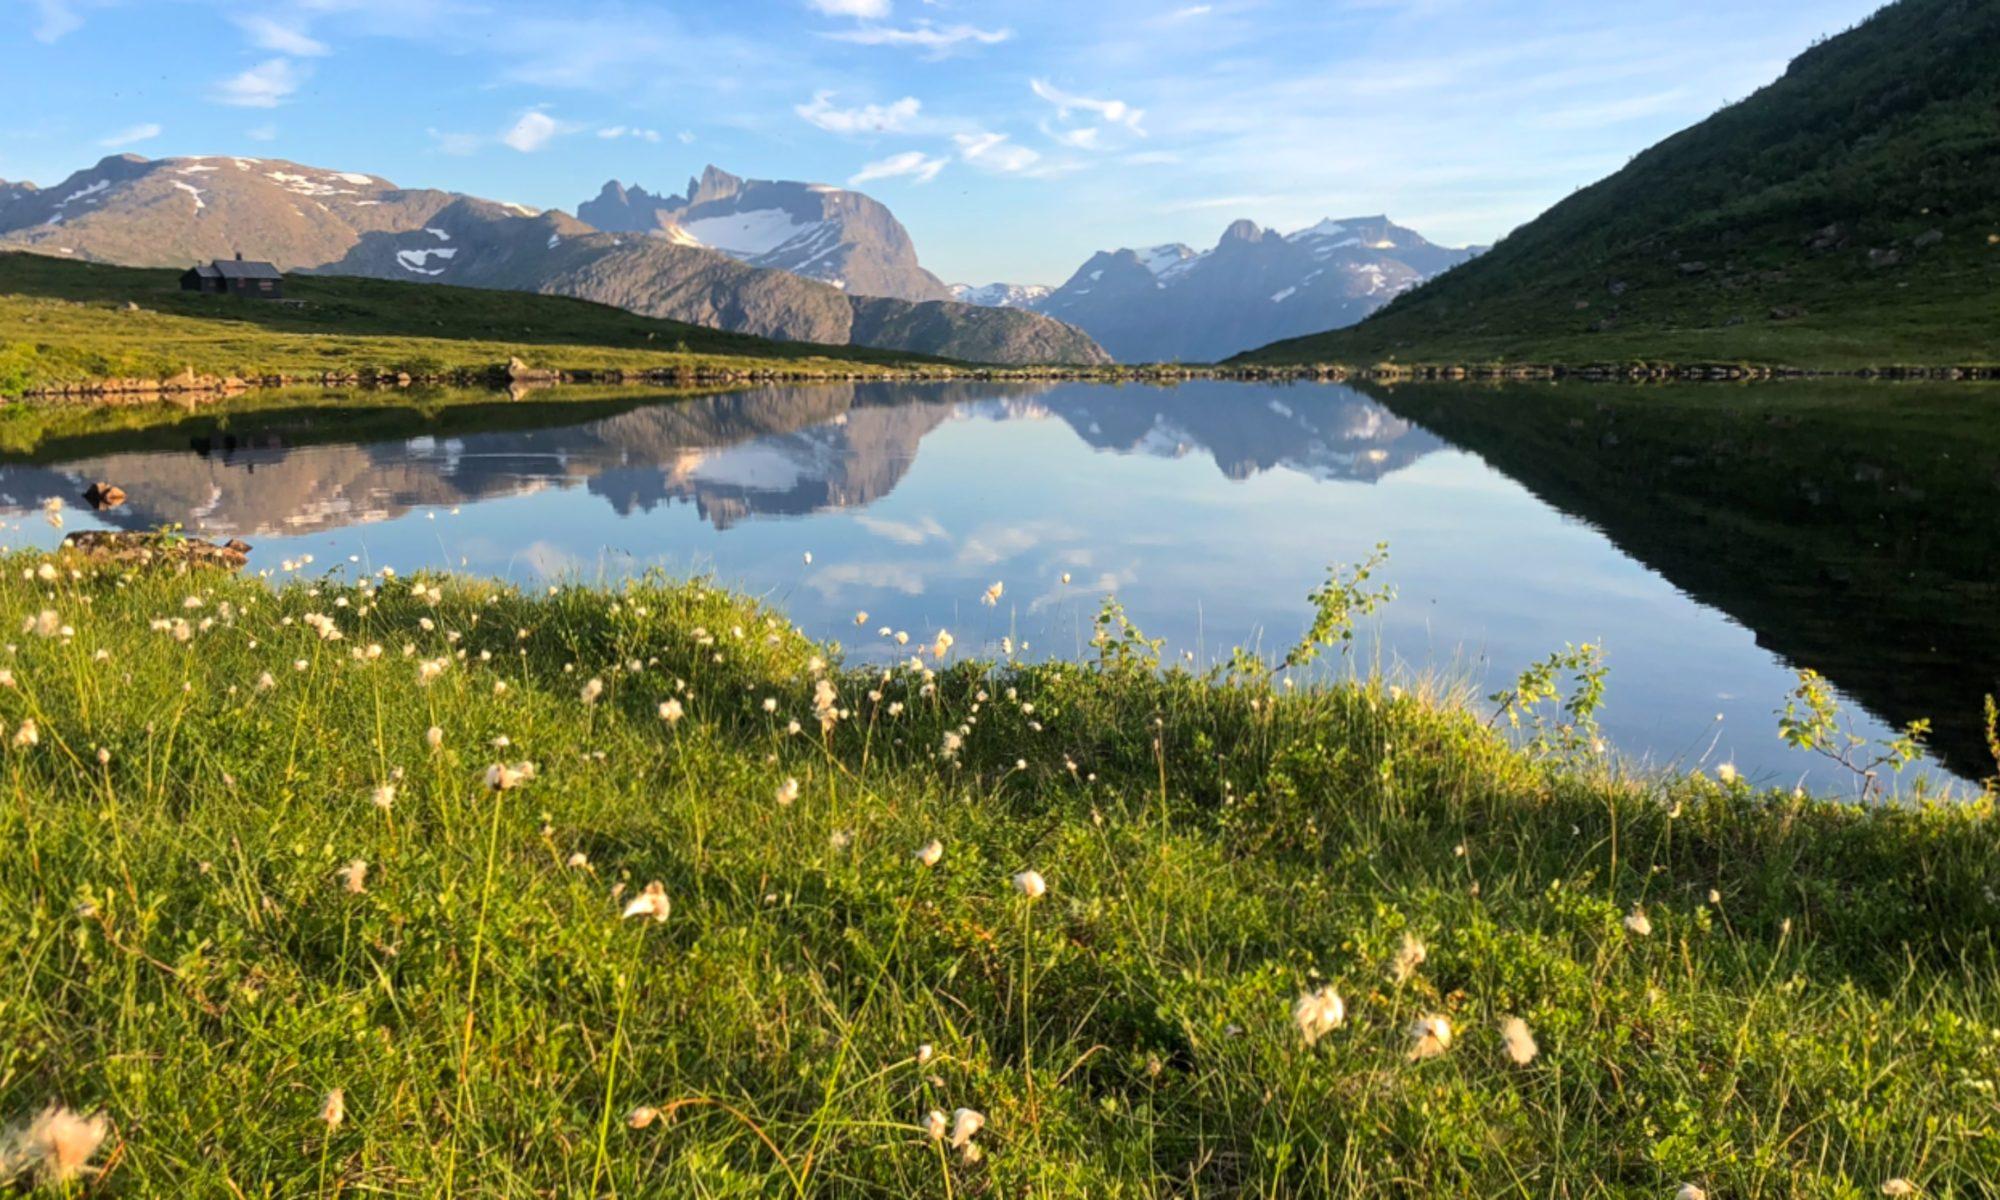 Brevikskaret in Isfjorden, Romsdal. Photo: Eirik Heen